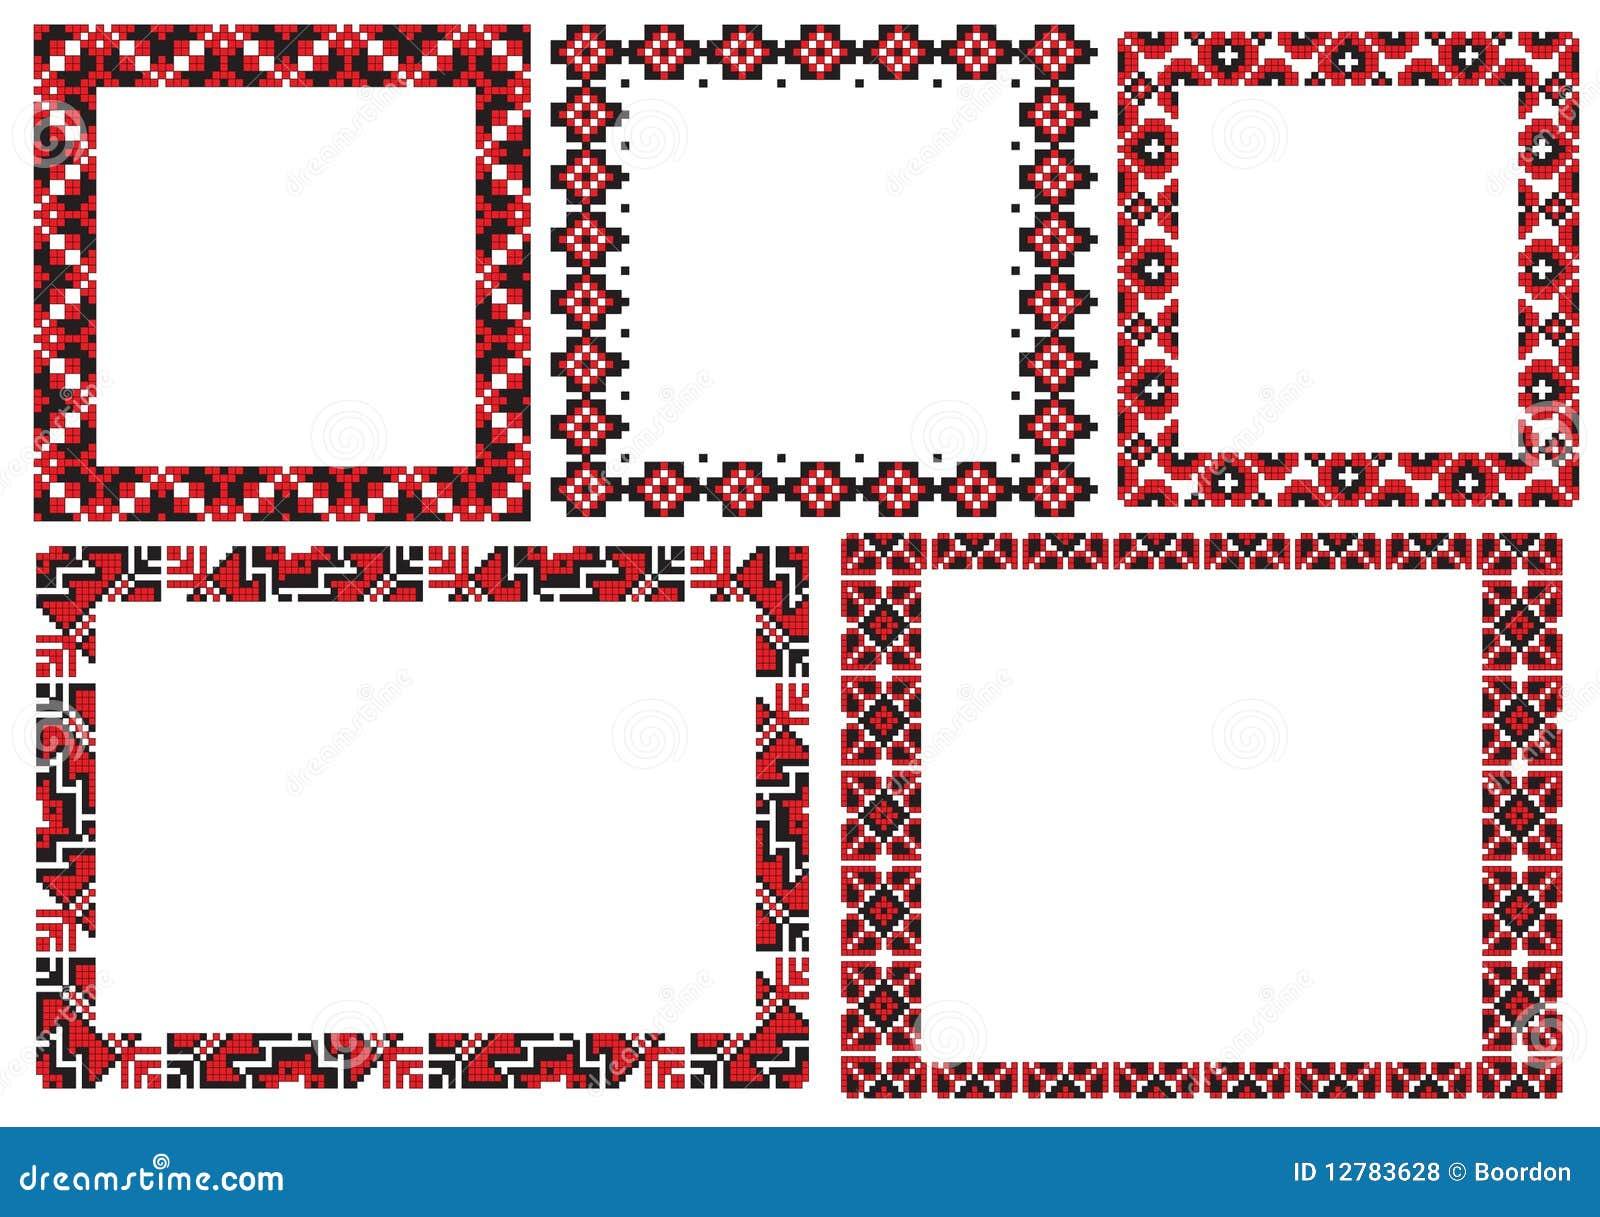 Borde el marco ilustración del vector. Ilustración de aislado - 12783628